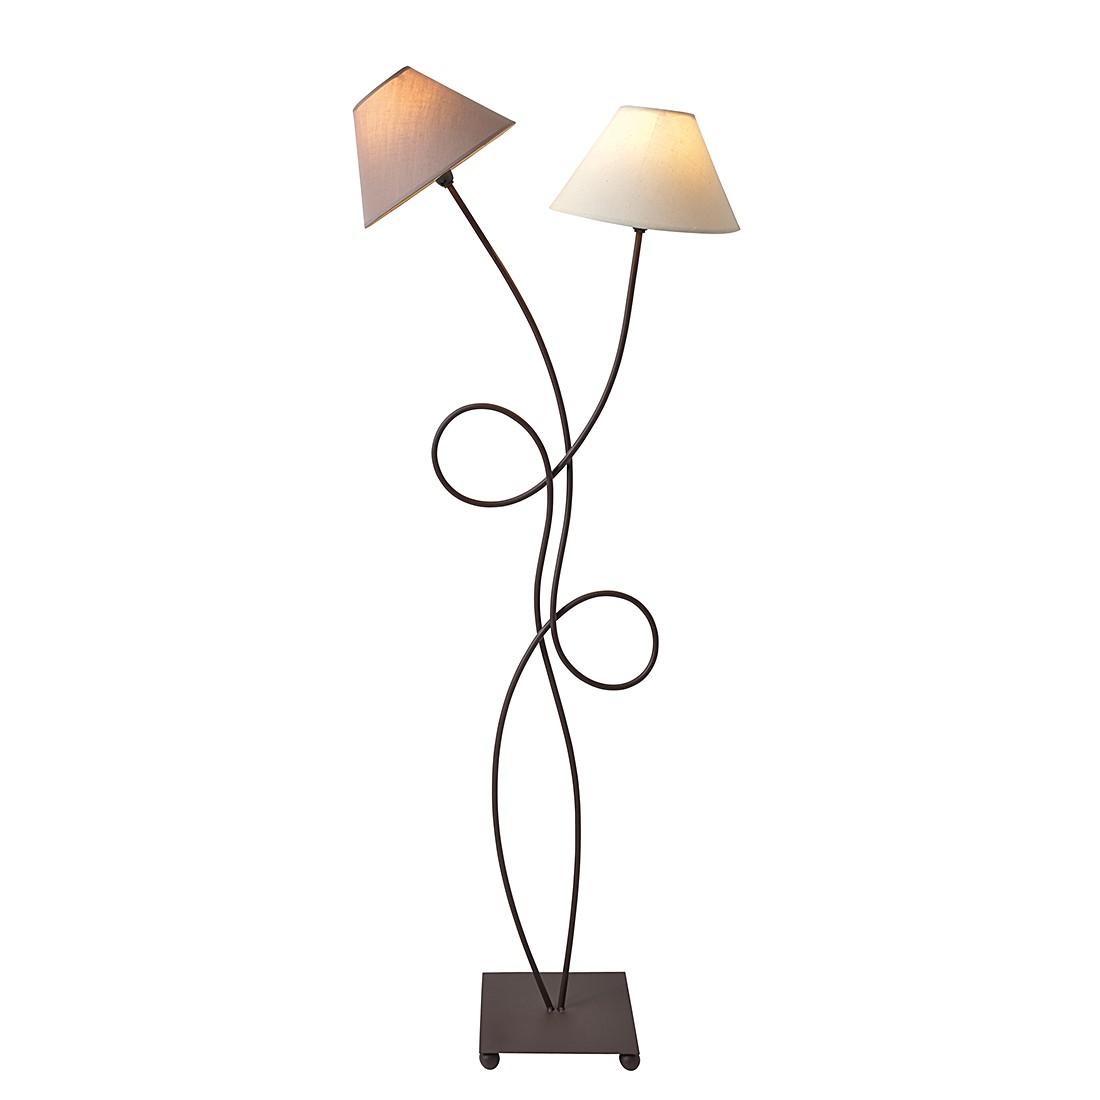 EEK A++, Lampadaire - Textile / Métal 2 ampoules, Näve